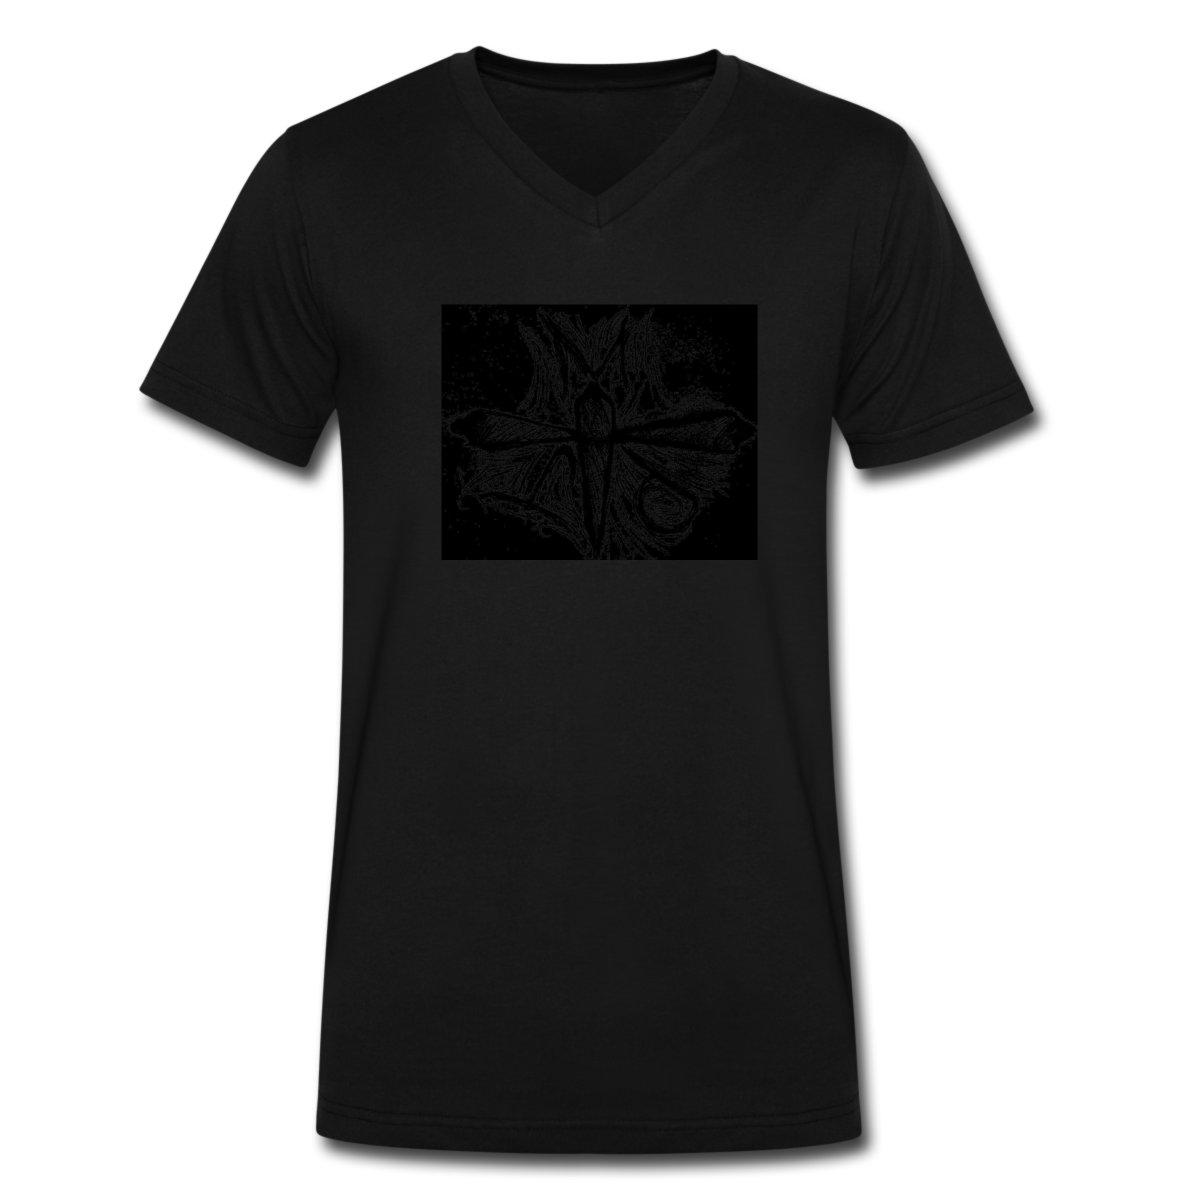 Plane Black Shirt